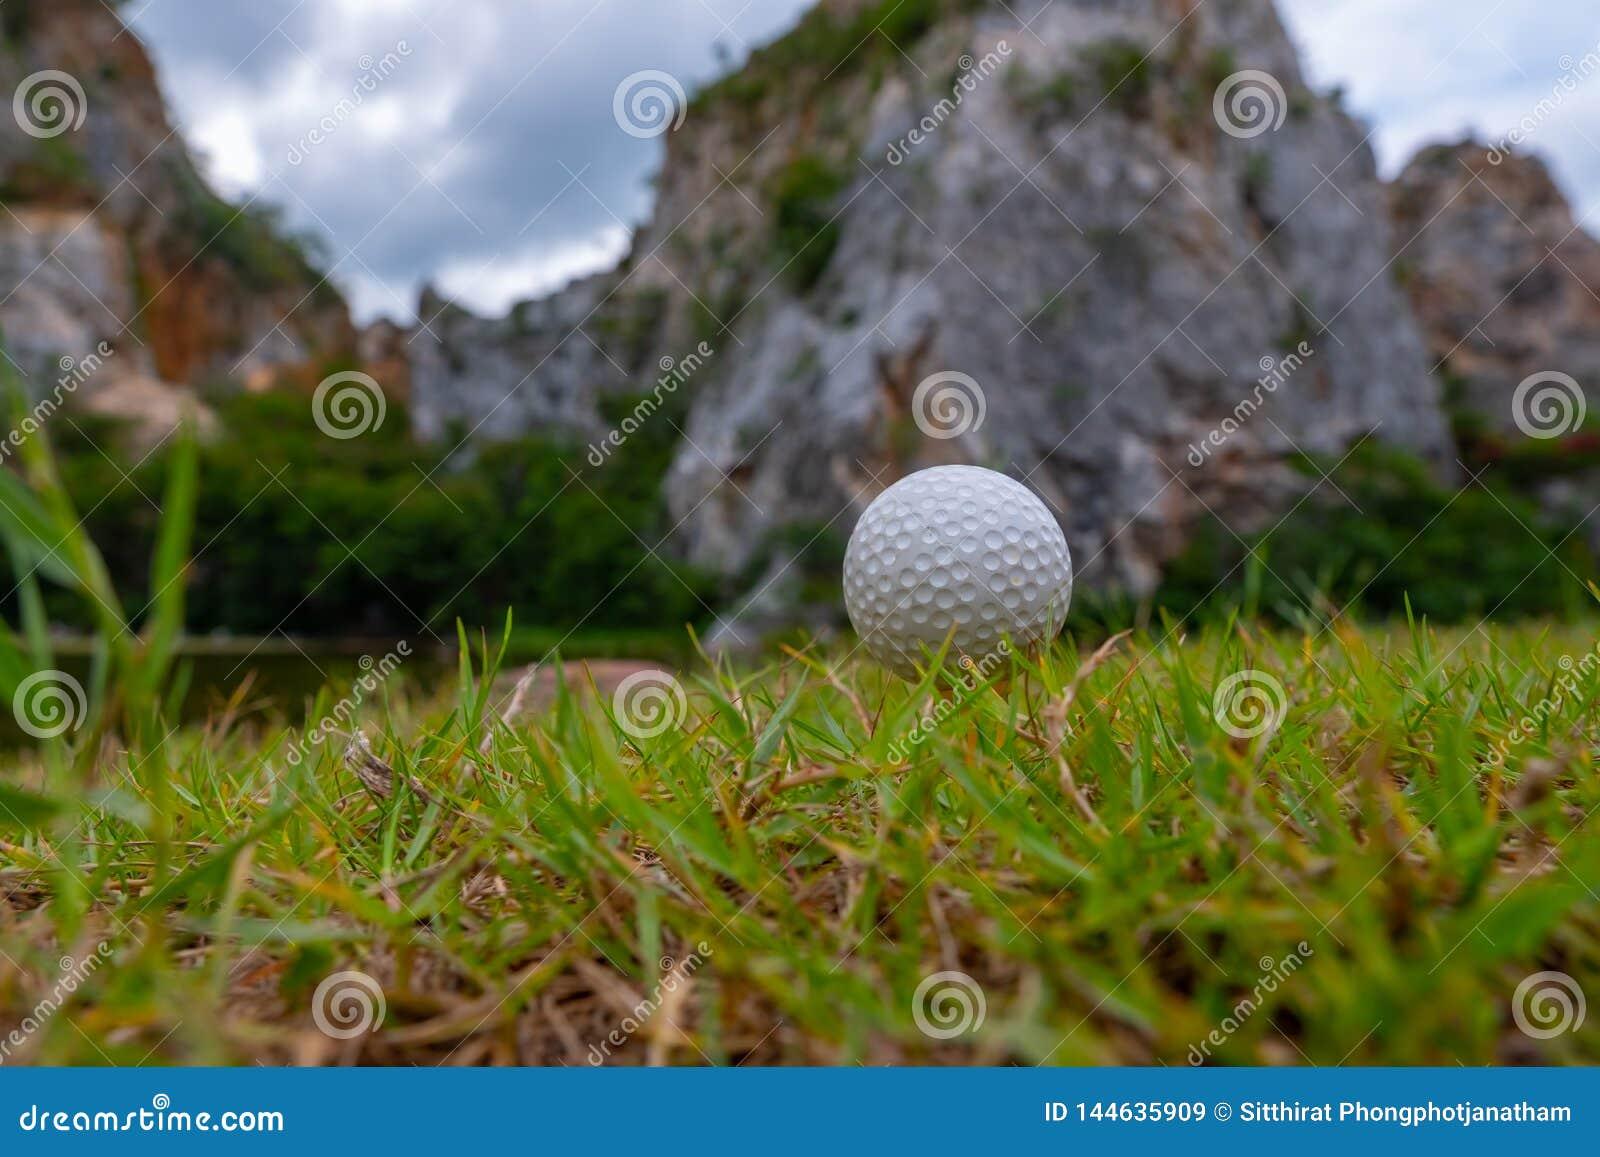 Σφαίρα γκολφ στη χλόη κοντά στο βουνό